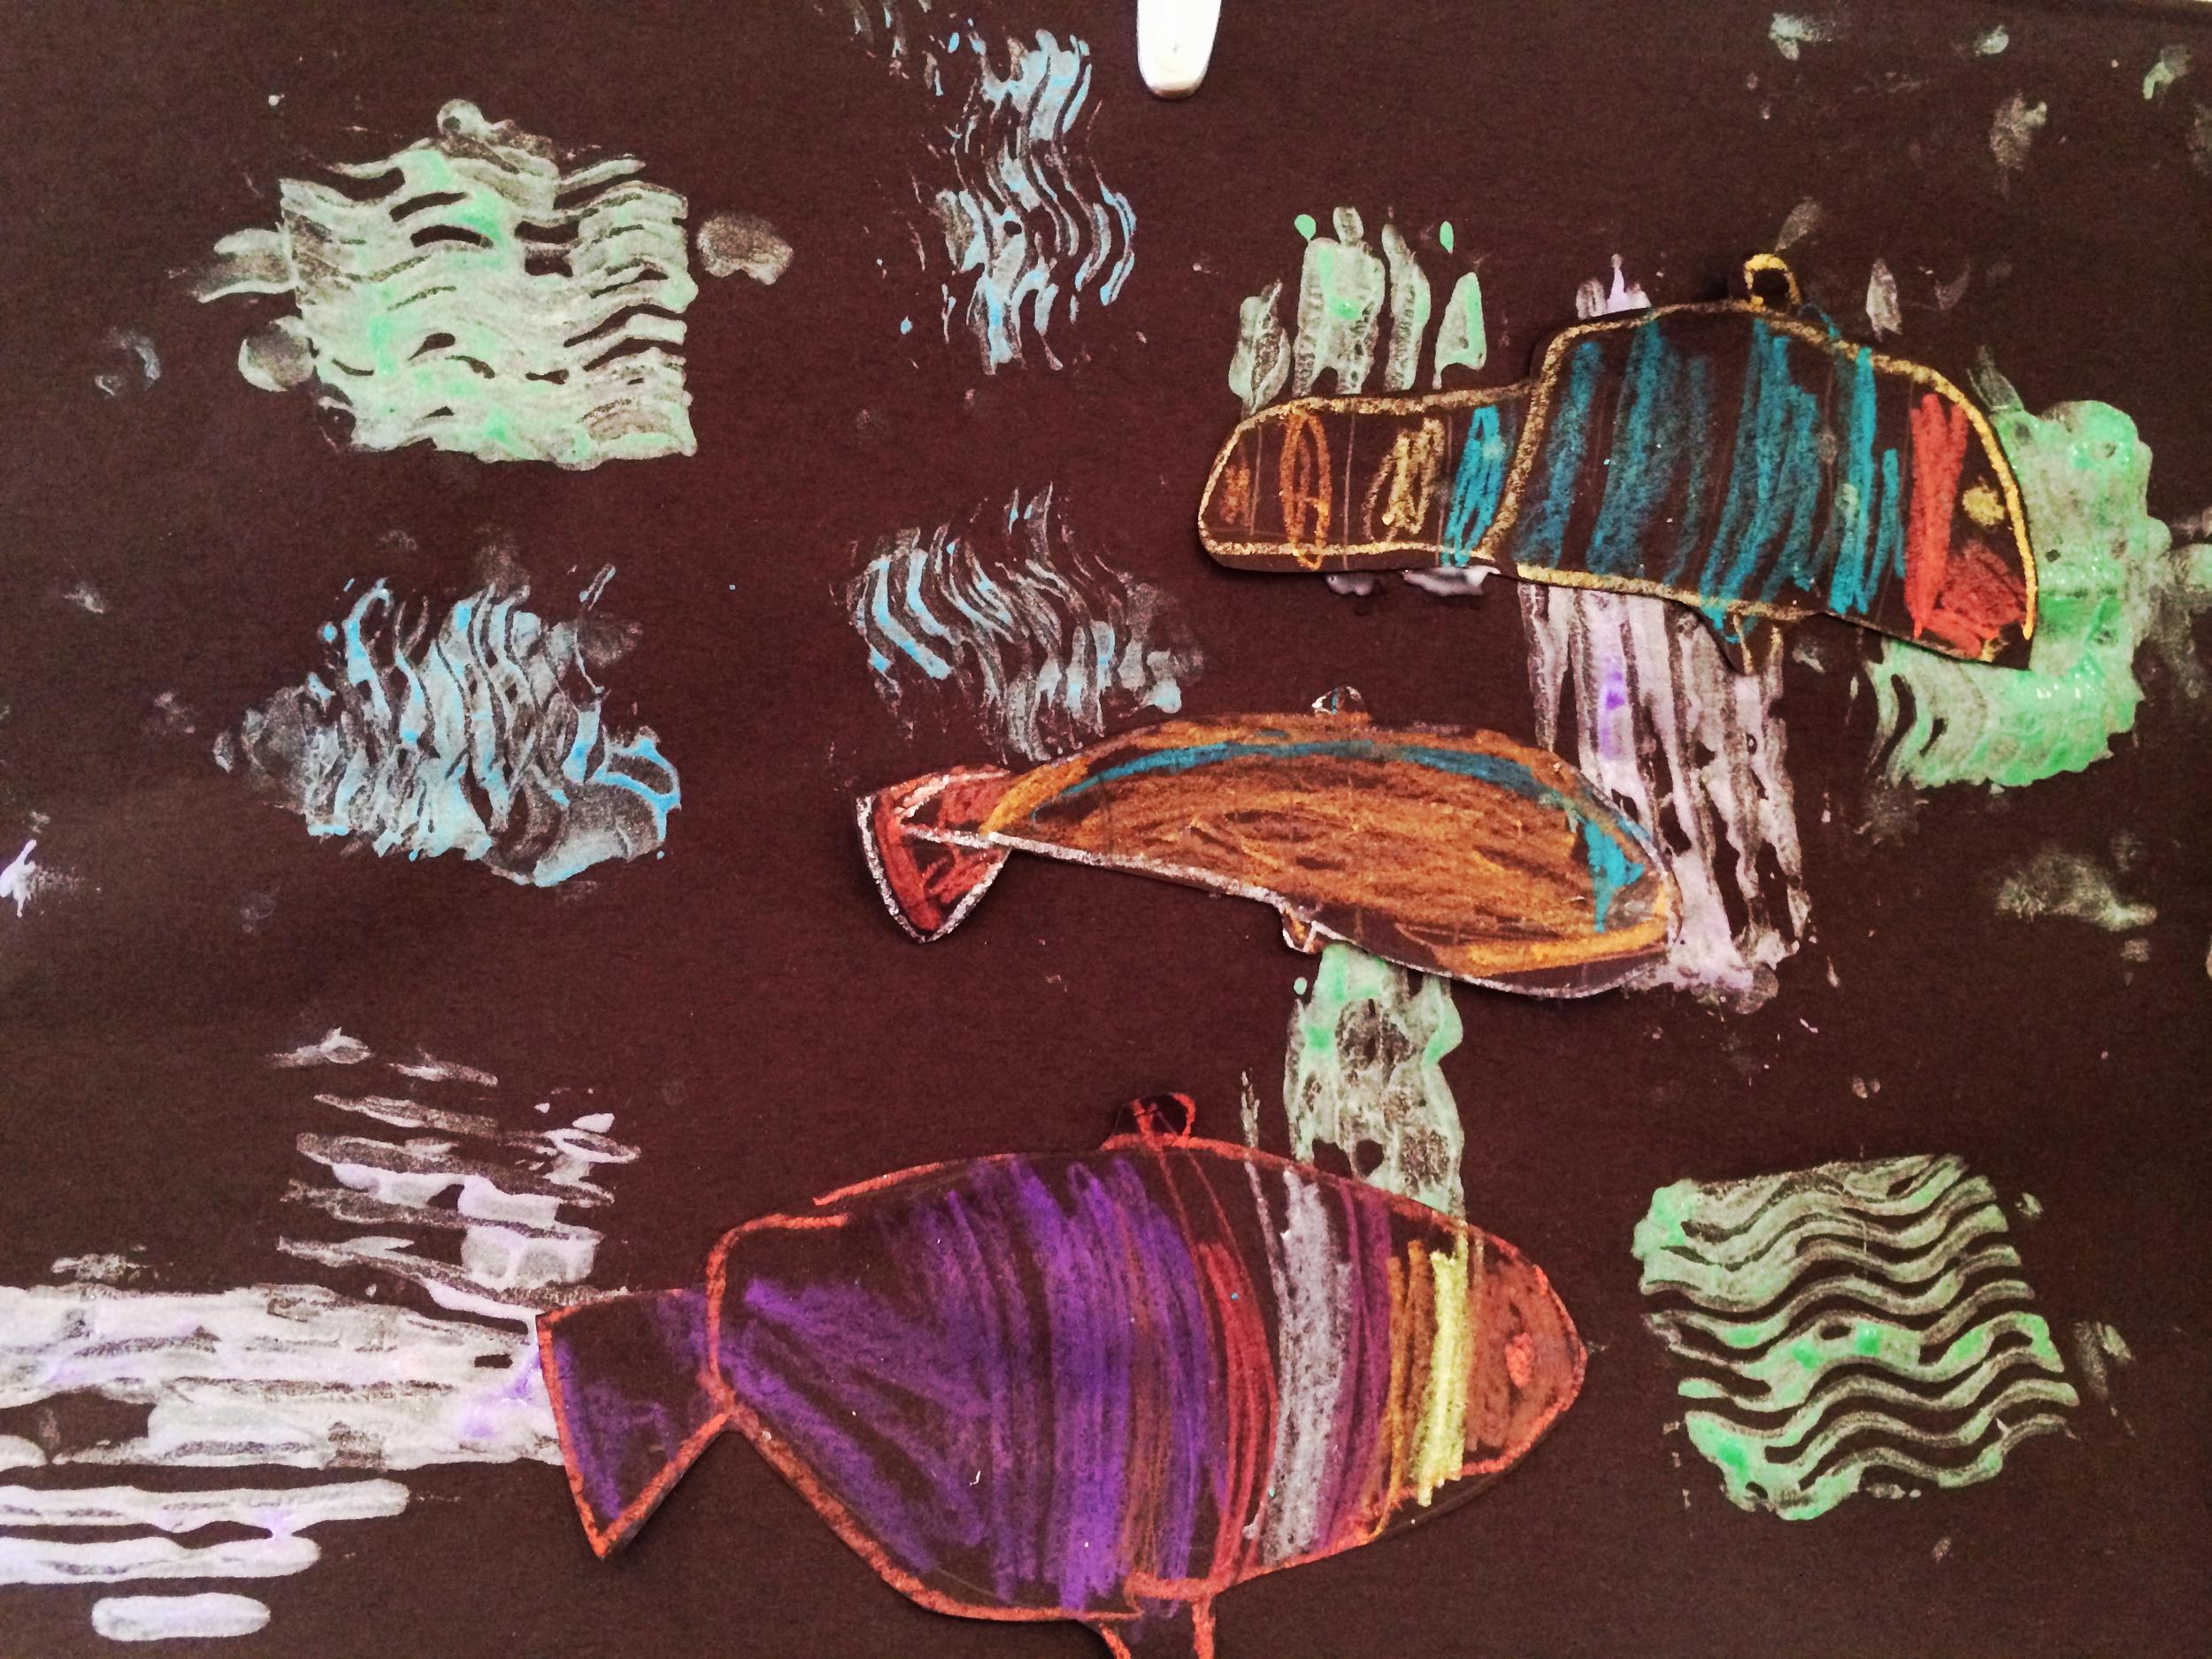 Paul Klee school of fish.